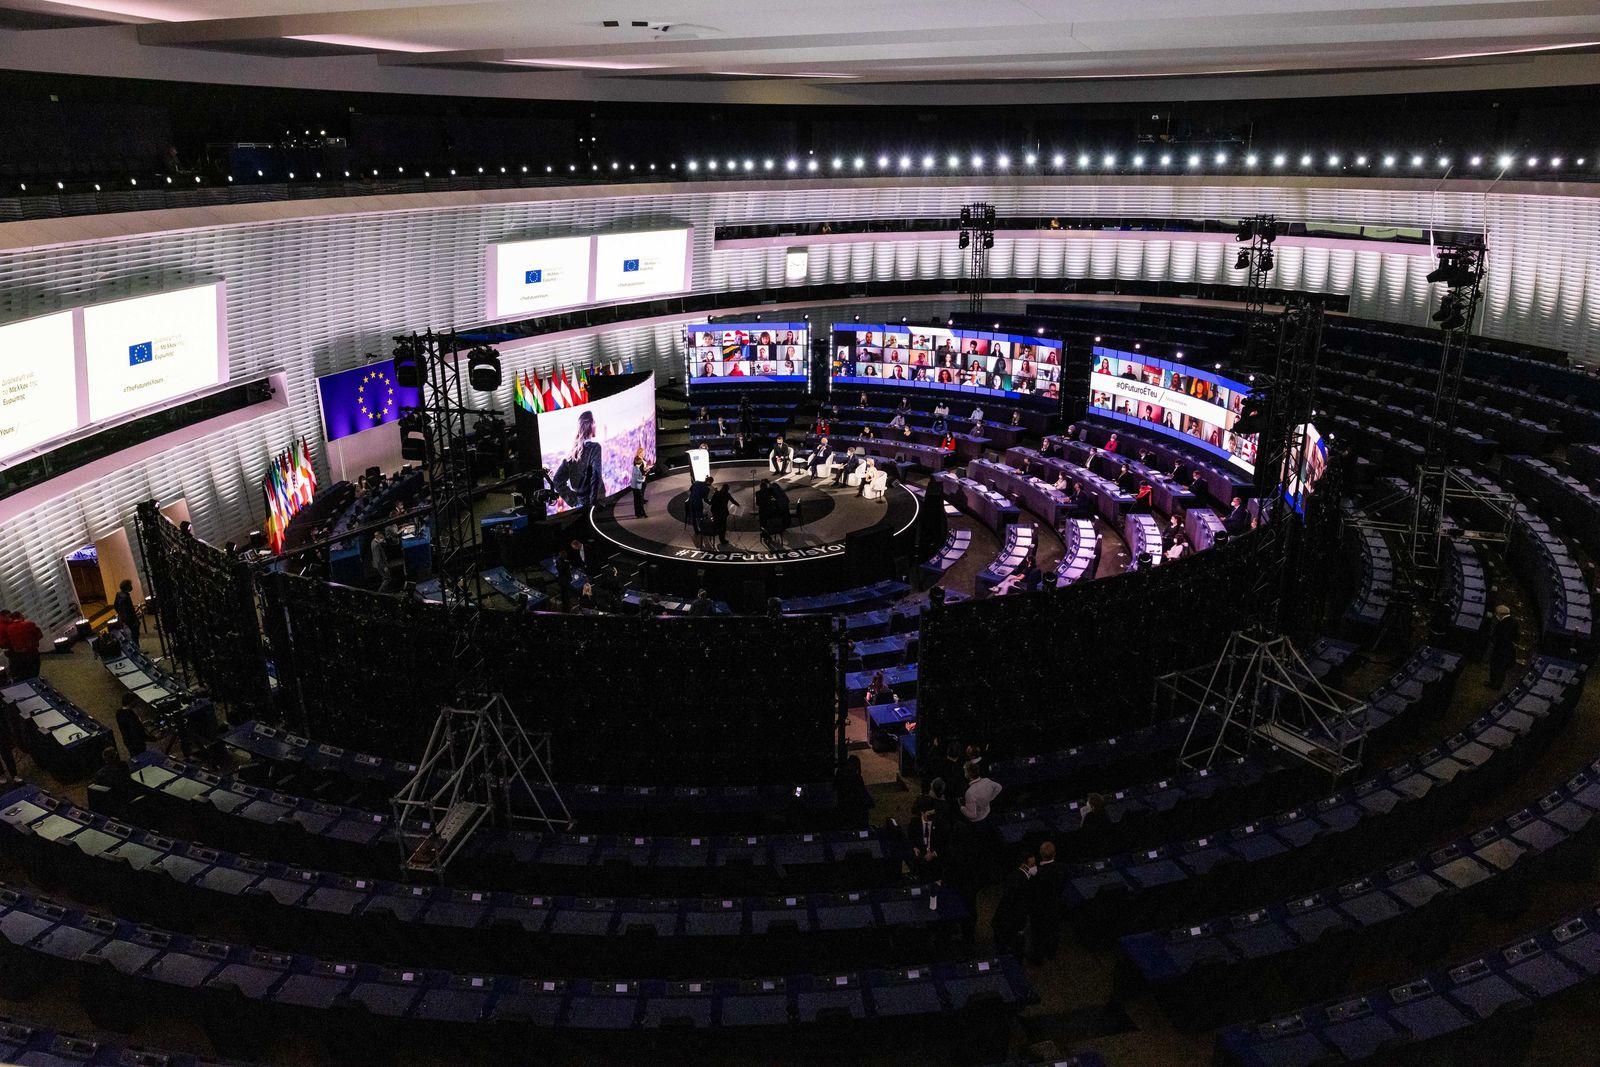 Eröffnung der Konferenz zur Zukunft Europas